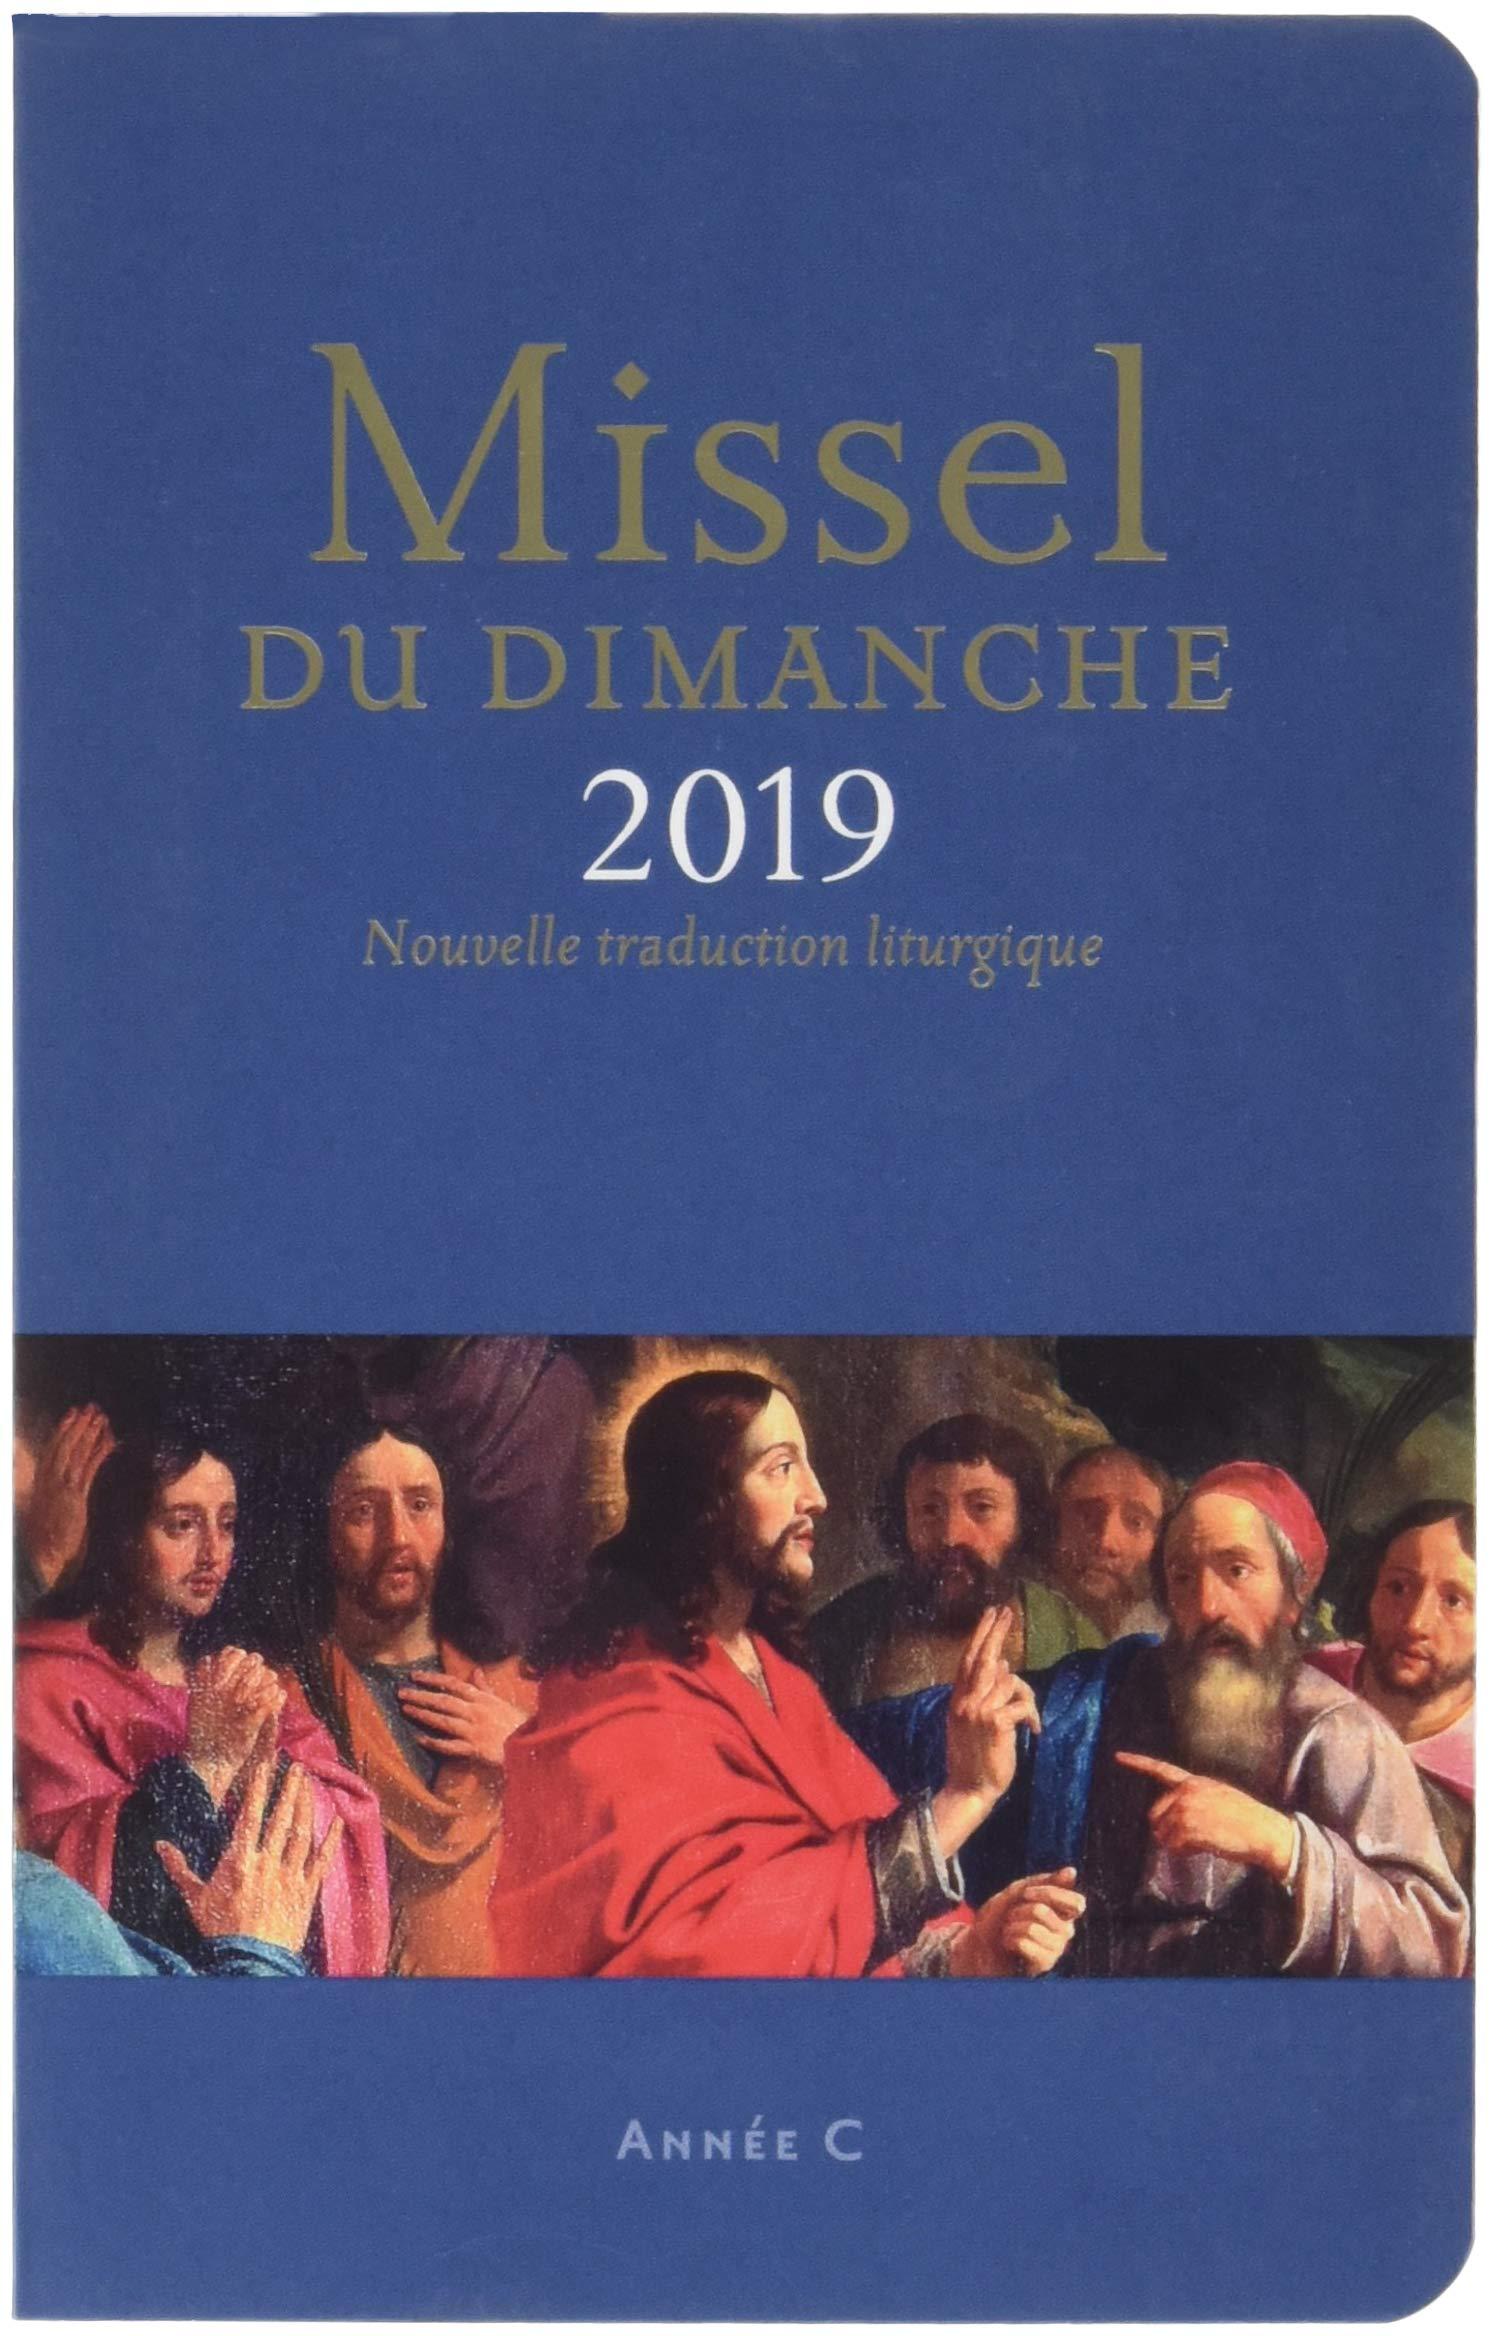 CATHOLIQUE TÉLÉCHARGER 2018 MISSEL